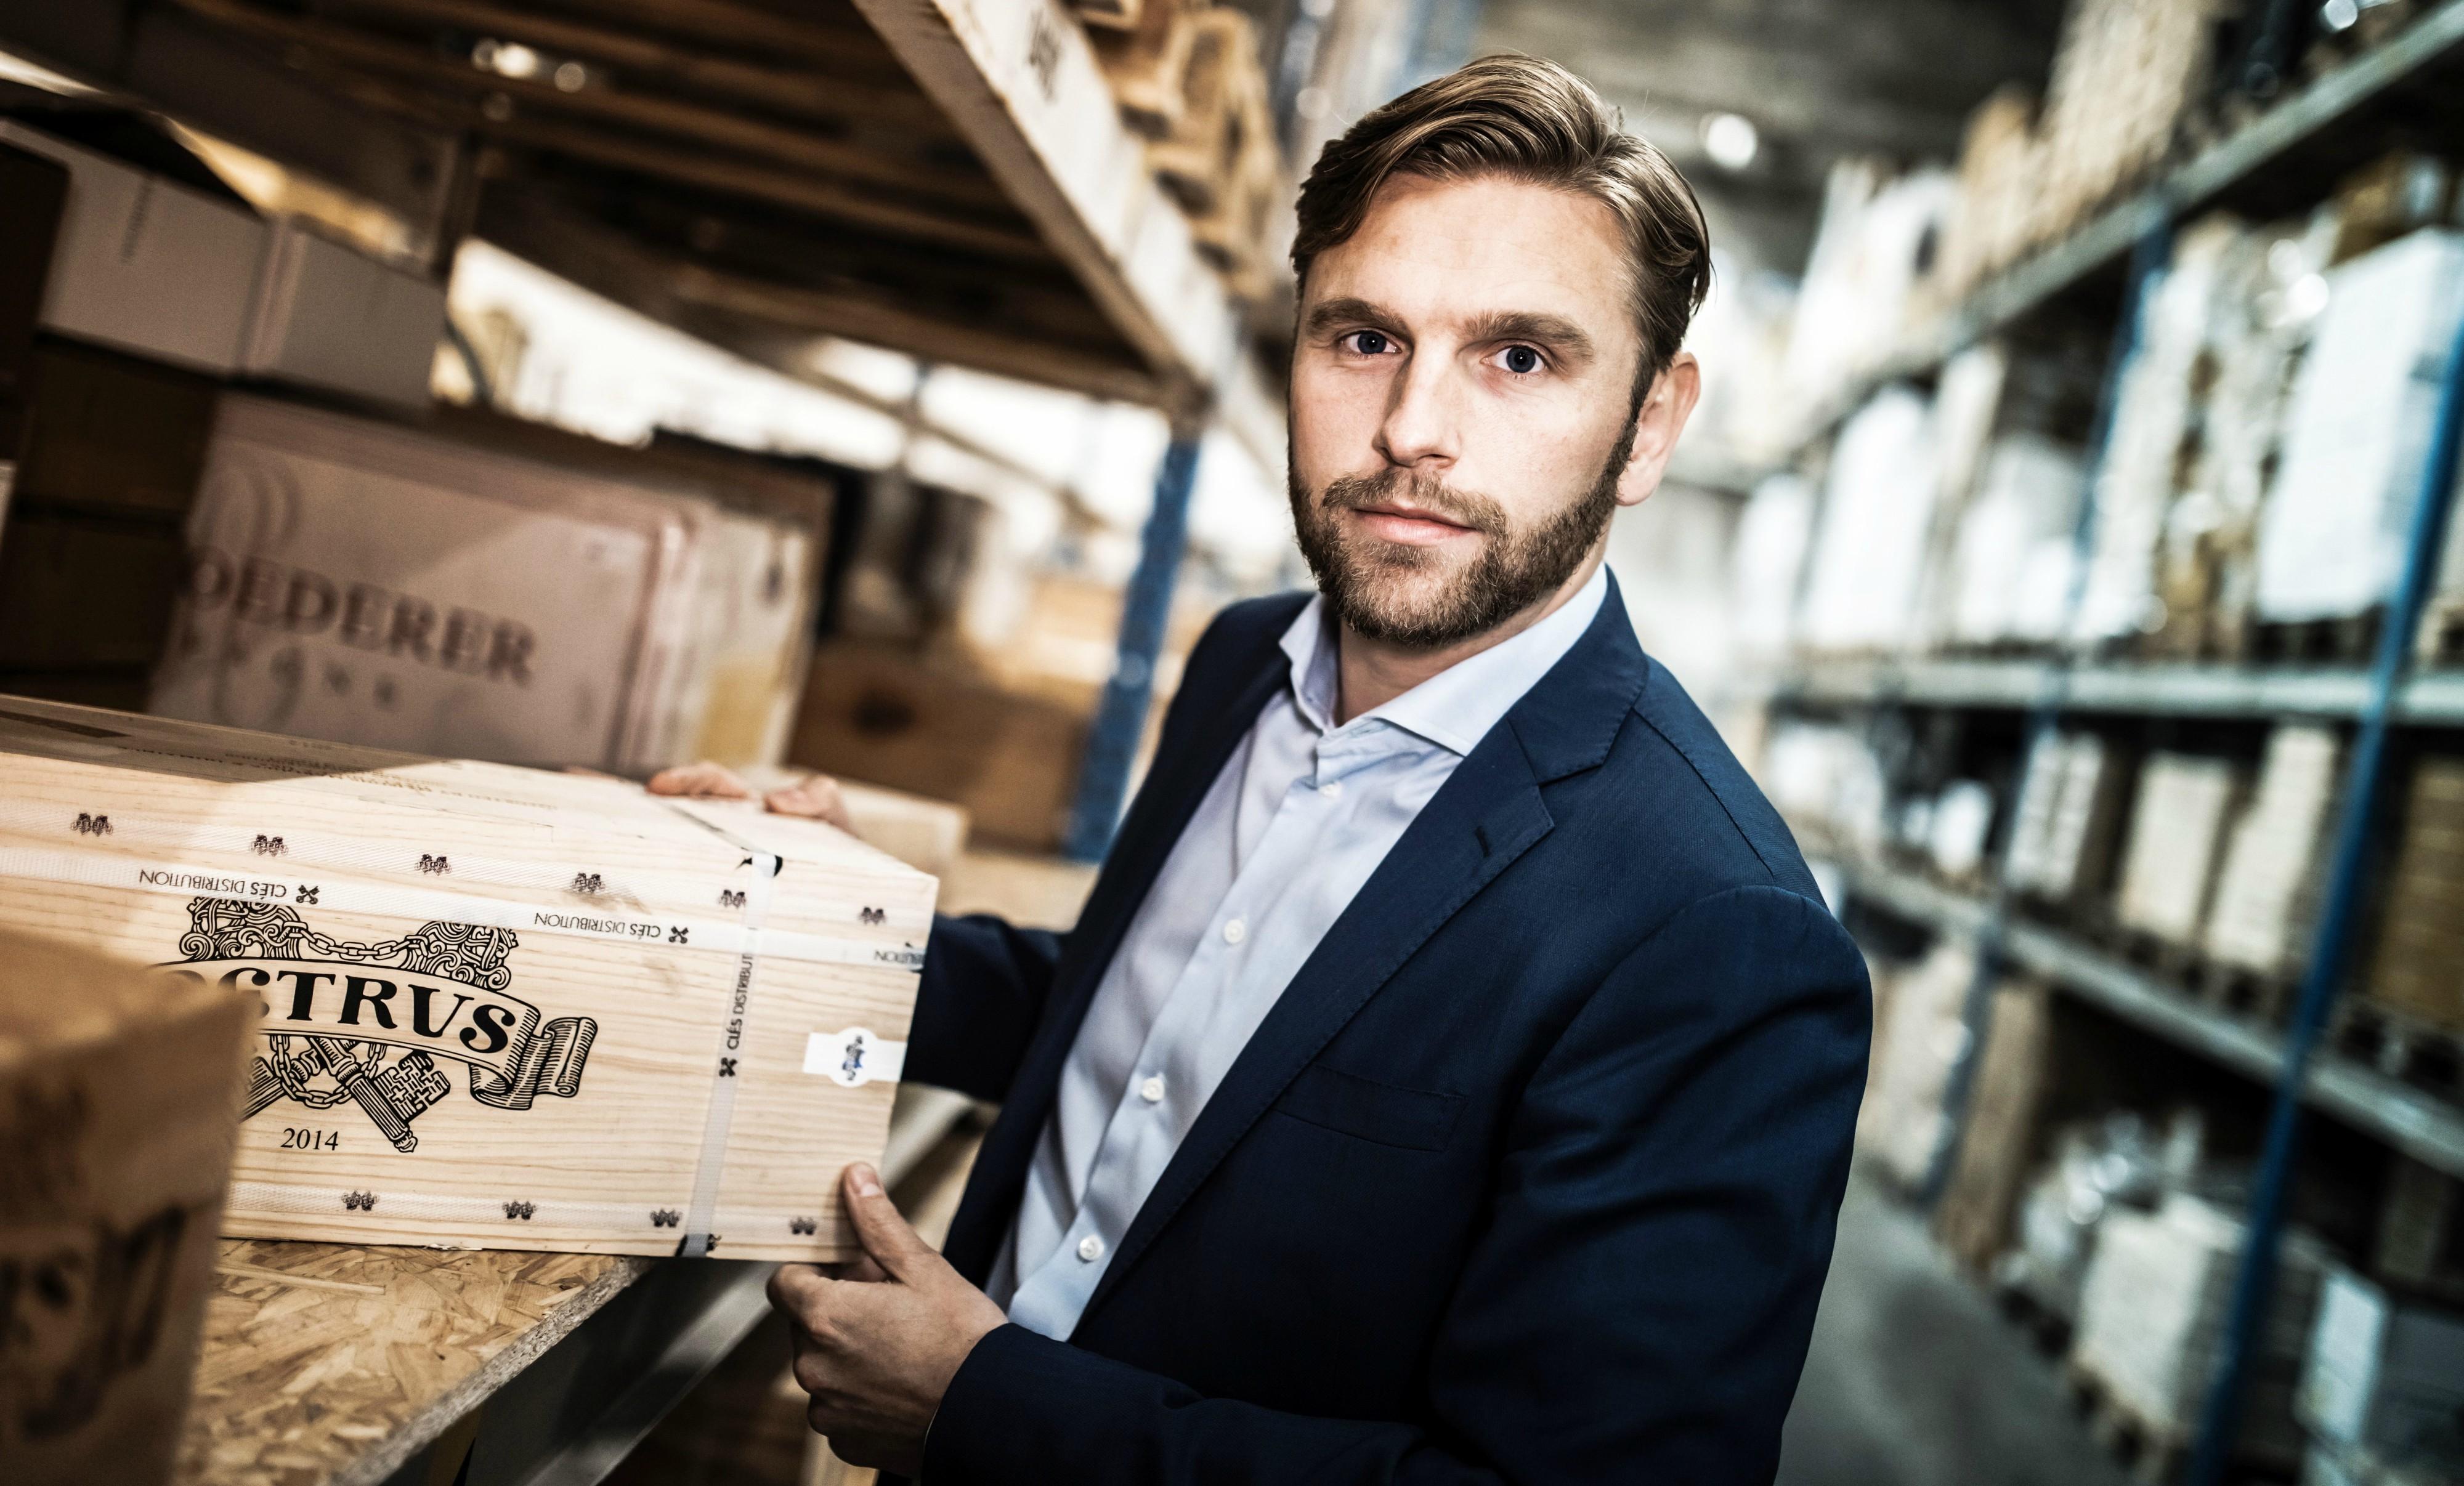 Rare Wine med vildt resultat: Løfter overskuddet med 155 procent